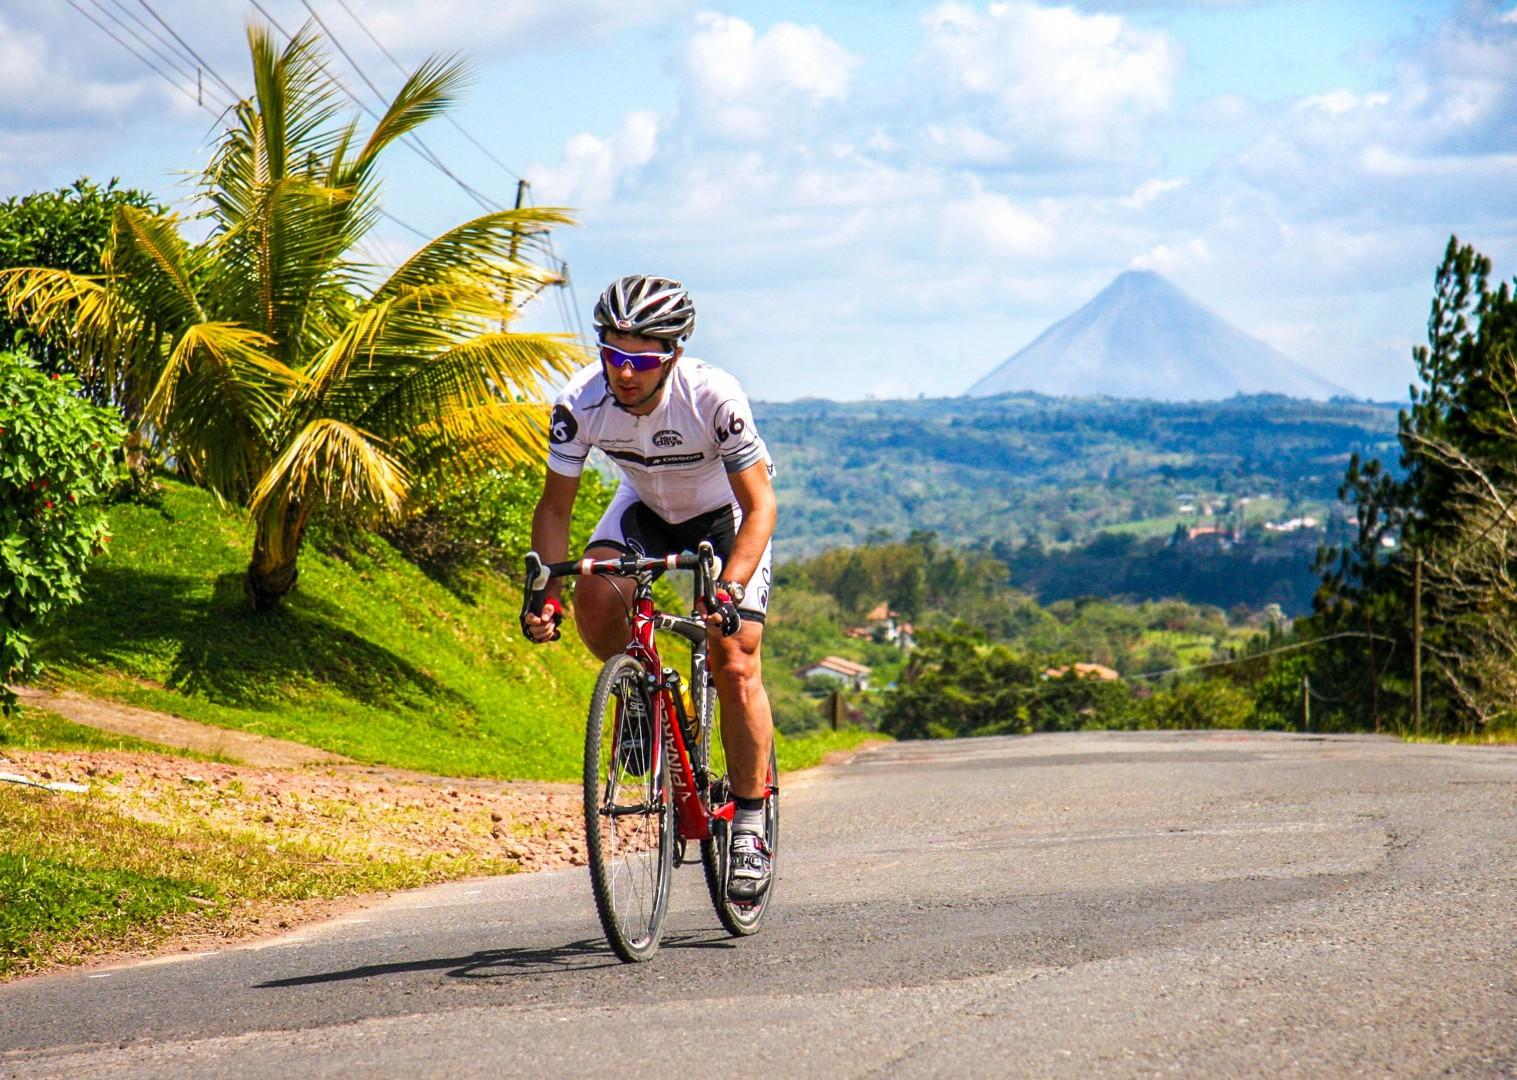 4885070602_b835da5a14_o.jpg - Costa Rica - Ruta de los Volcanes - Road Cycling